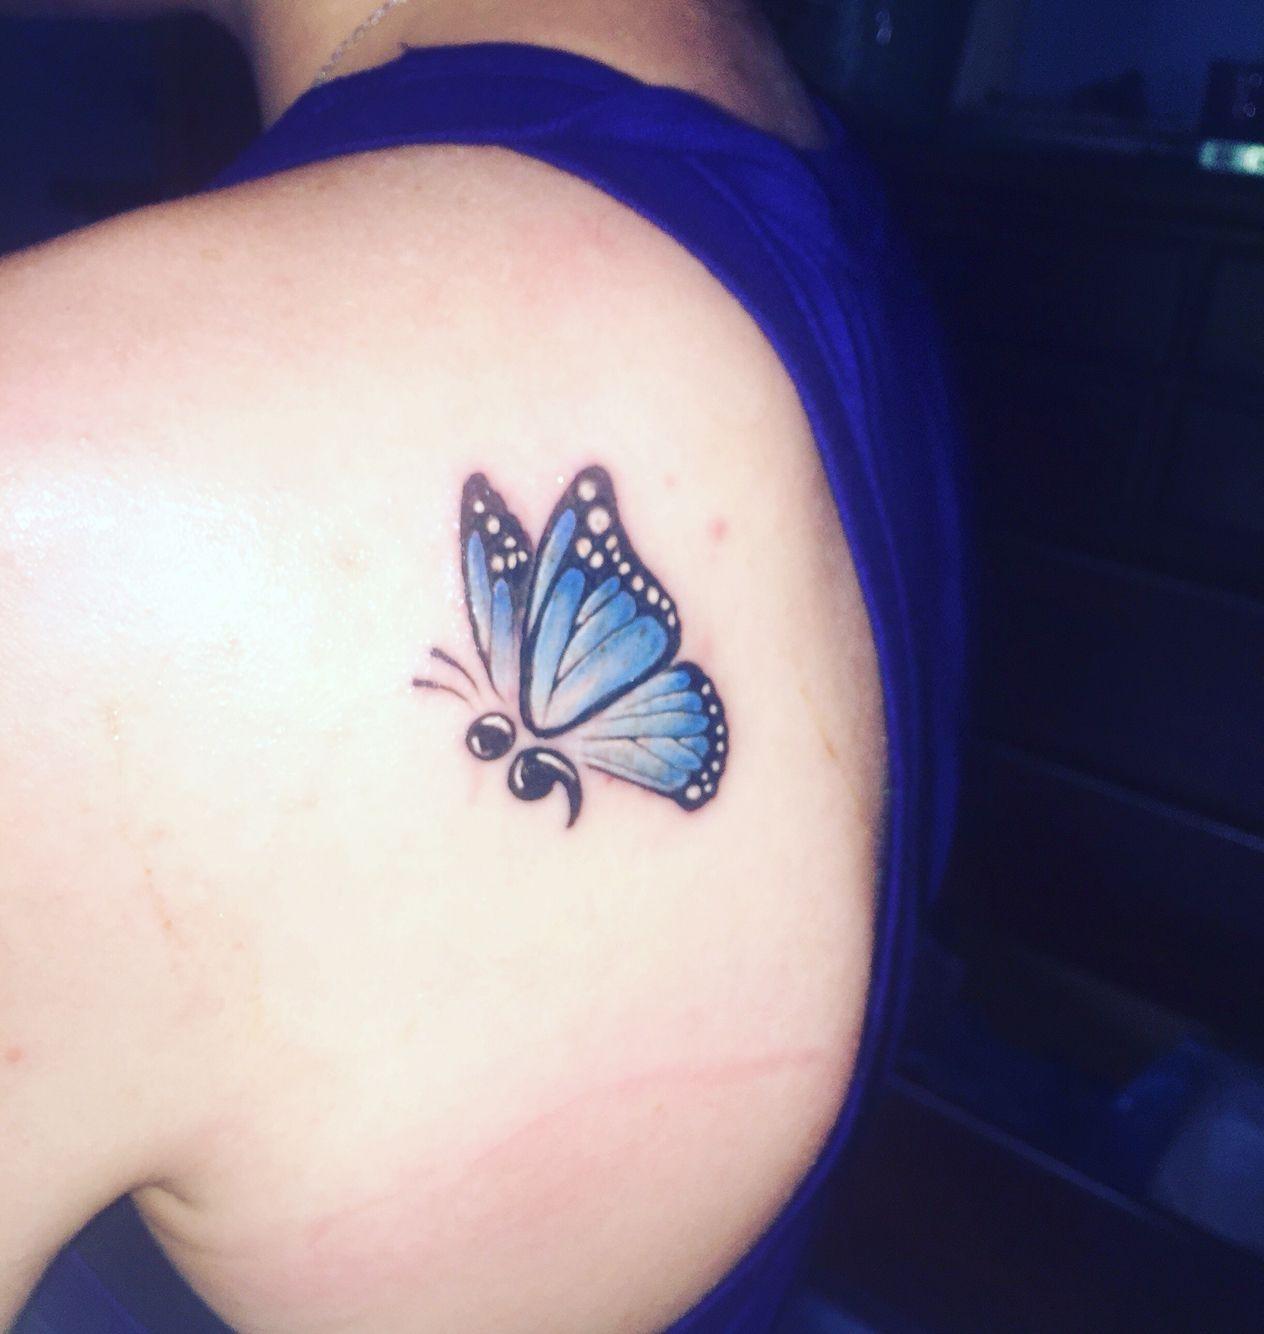 Semicolon Butterfly Tattoo Semicolon Butterfly Tattoo Butterfly Tattoo Semicolon Tattoo